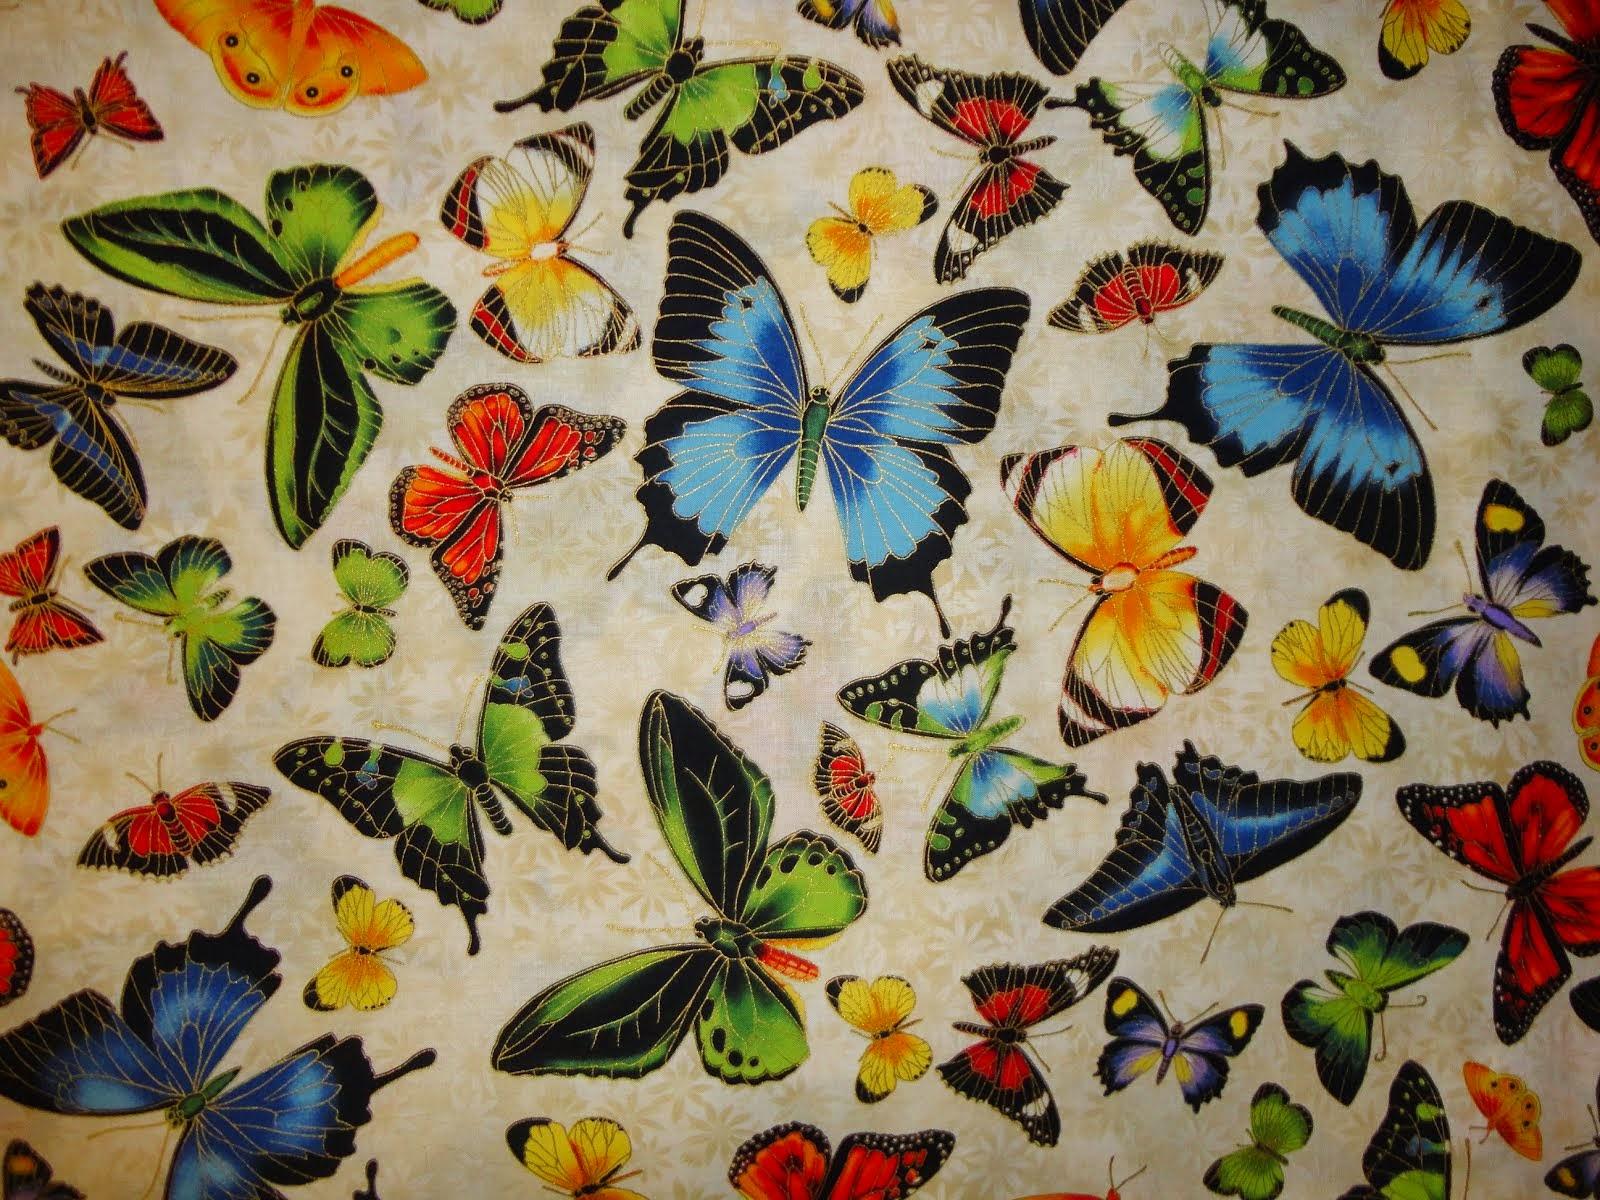 vlinders stof van Robert kaufman